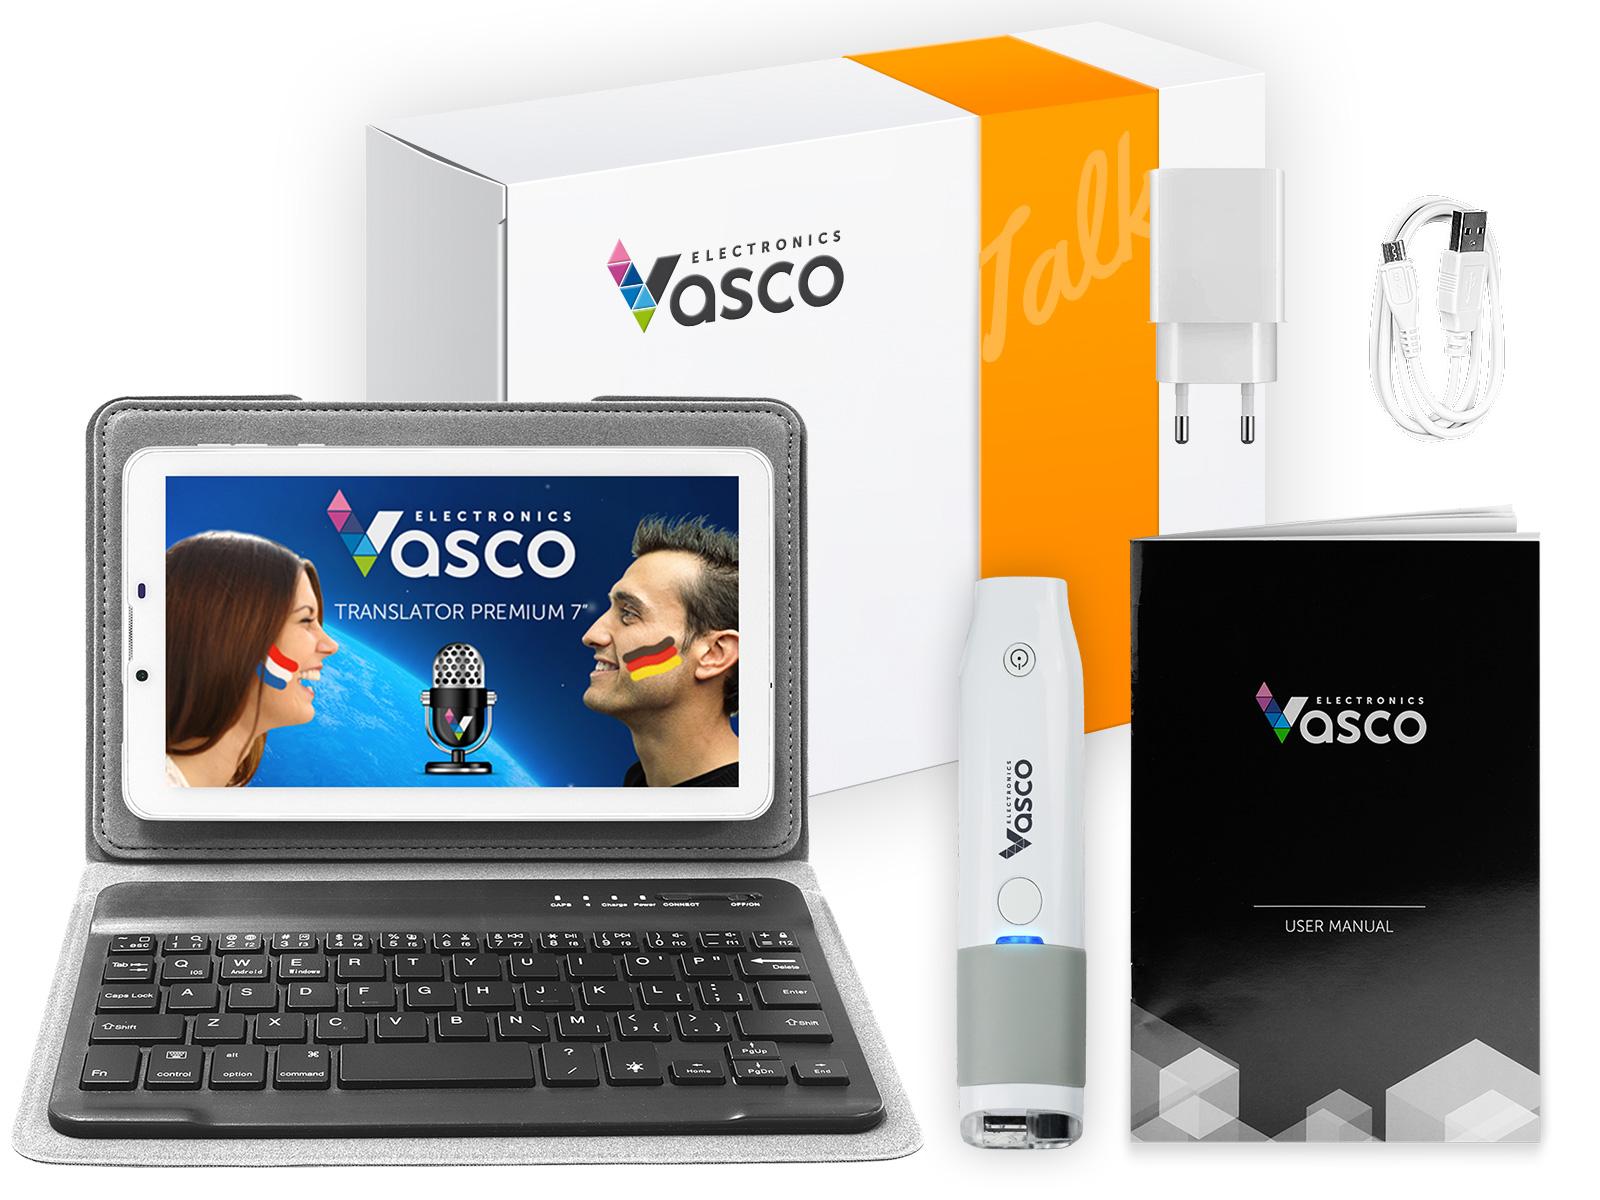 The set of Vasco Translator 7